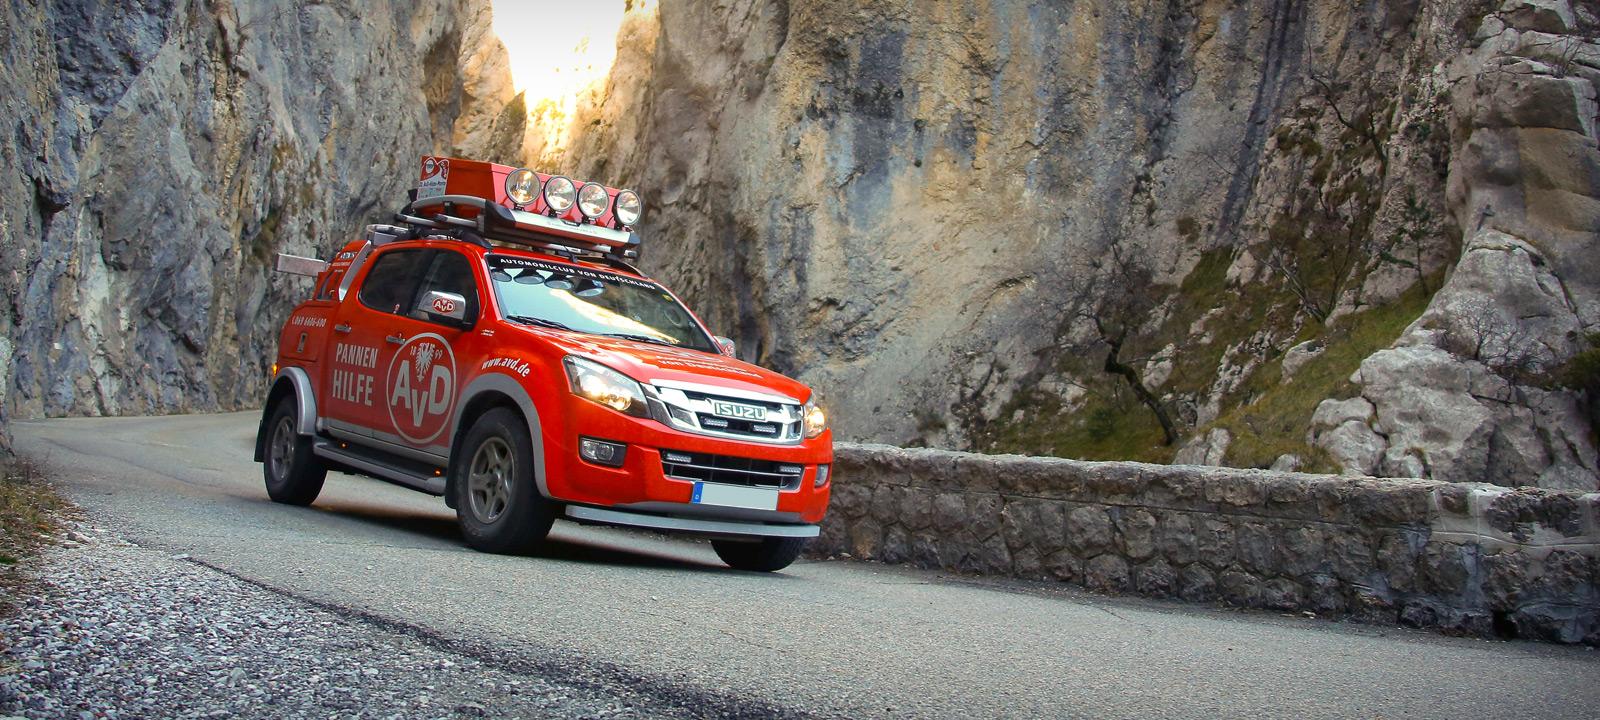 AvD Hilfsfahrzeuge - weltweit im Einsatz für Mitglieder. Fahrspaß + Sicherheit: AvD Automobilclub von Deutschland